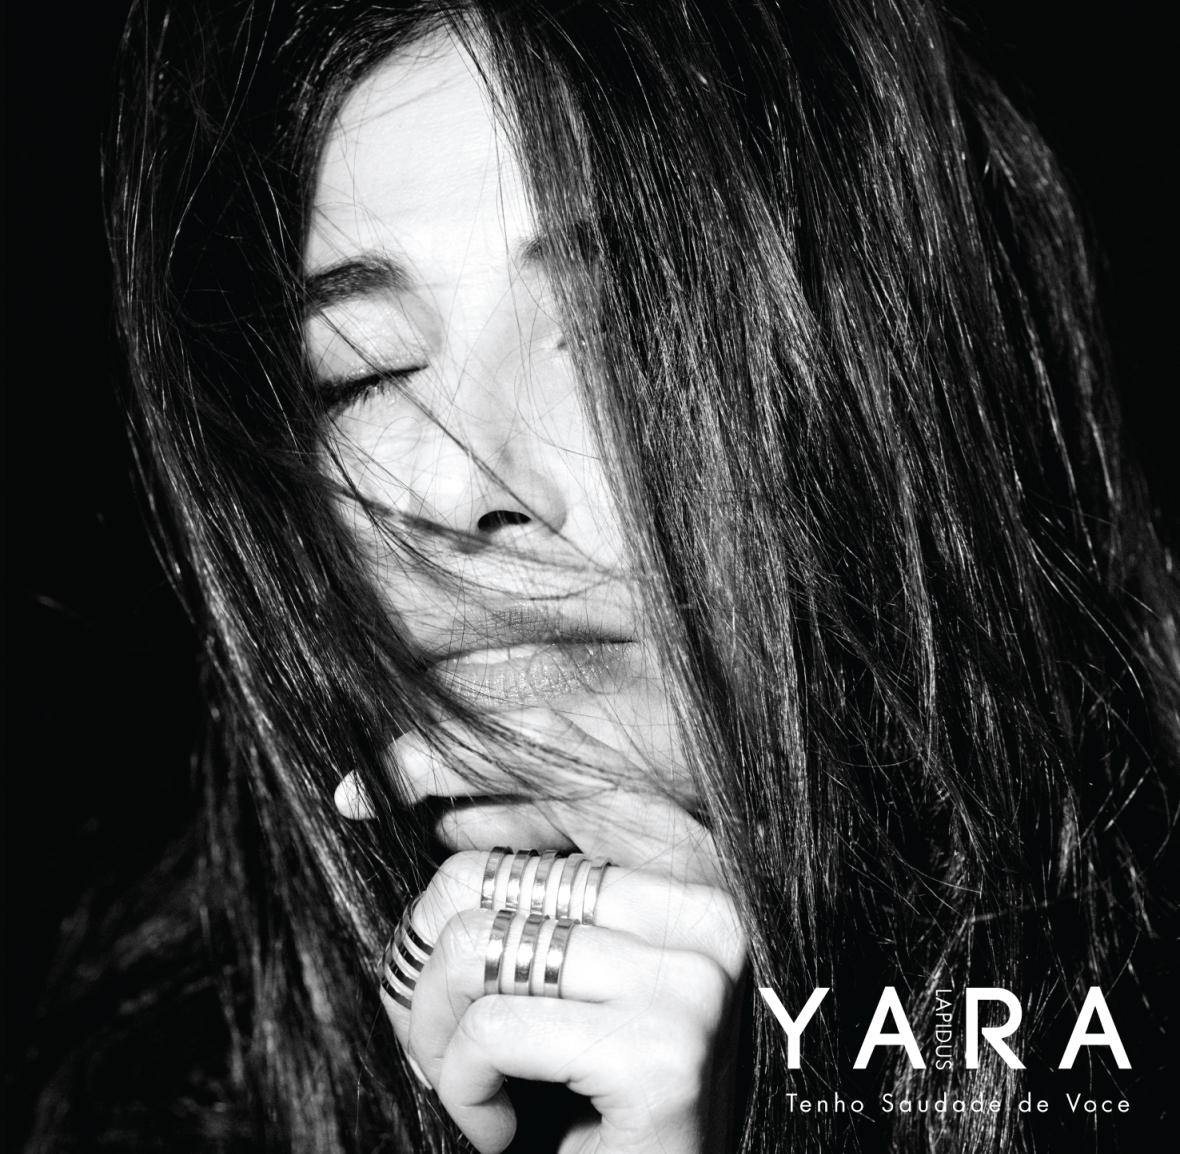 Yara Lapidus - Tenho Saudade De Voce - Indéfiniment